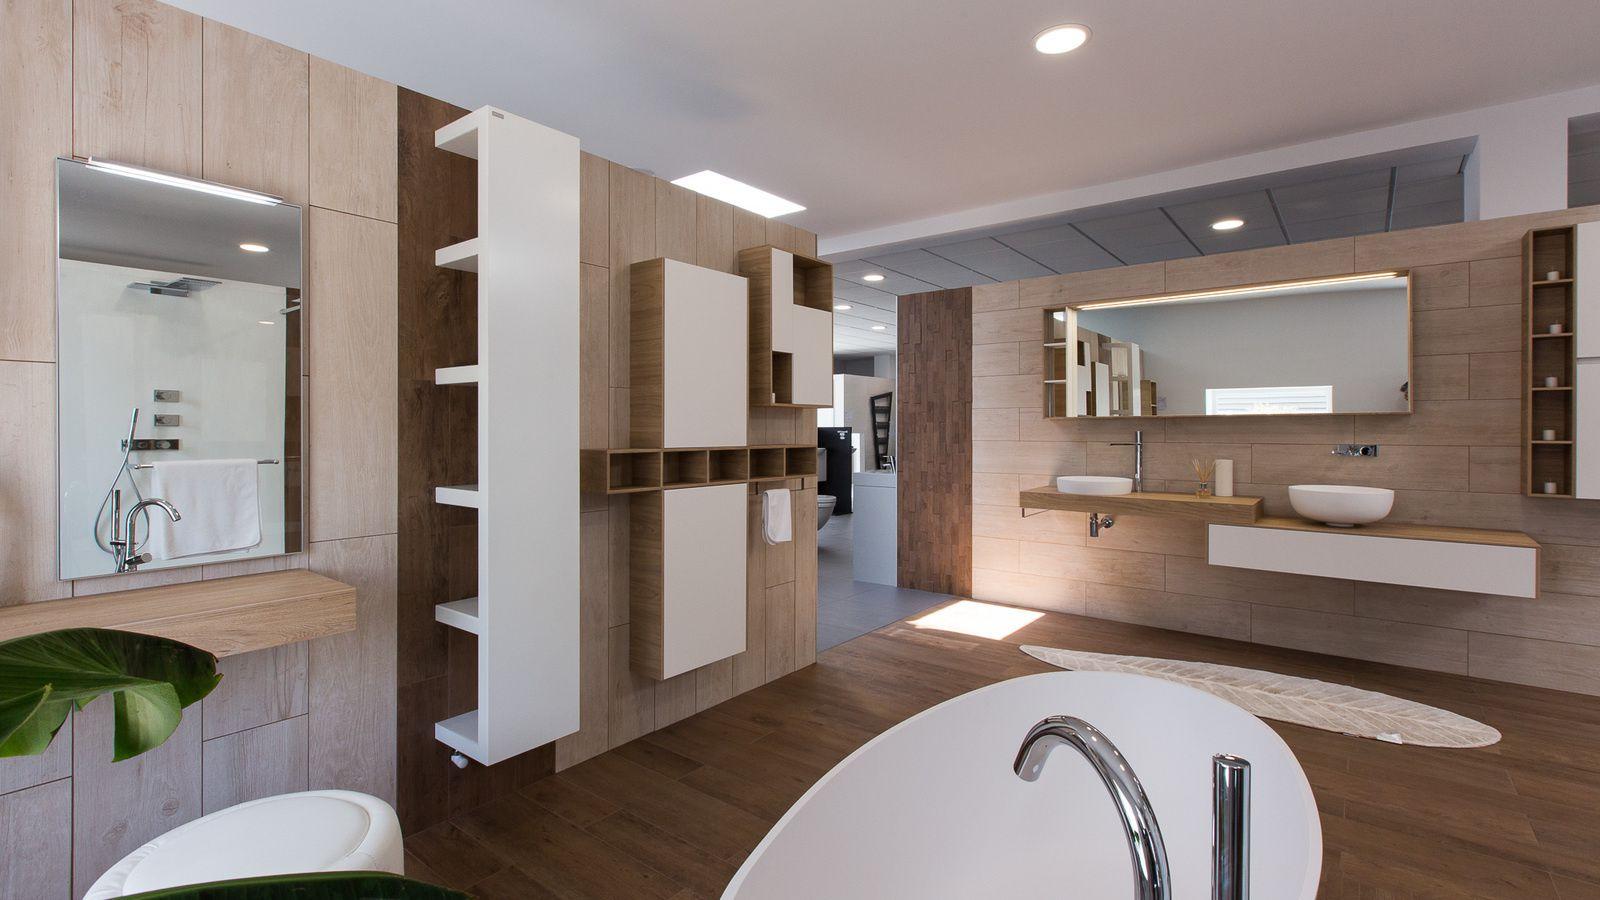 visite virtuelle de schuler haguenau le blog de la visite virtuelle en alsace. Black Bedroom Furniture Sets. Home Design Ideas